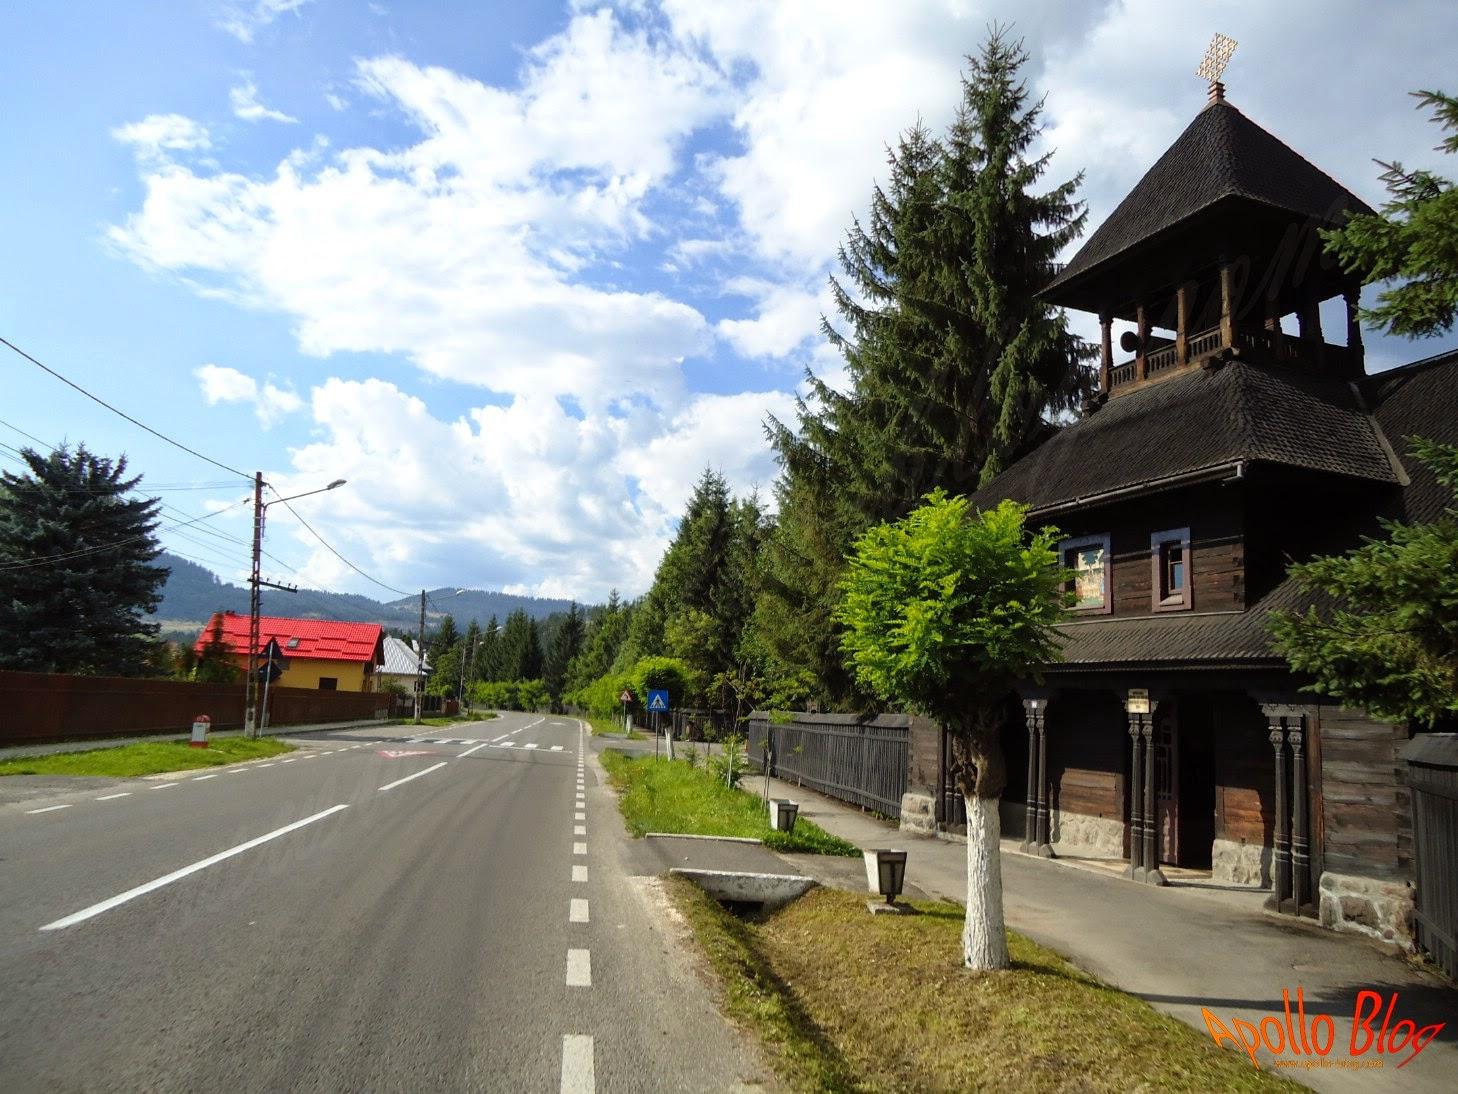 Manastirea Sfantul Ilie Toplita